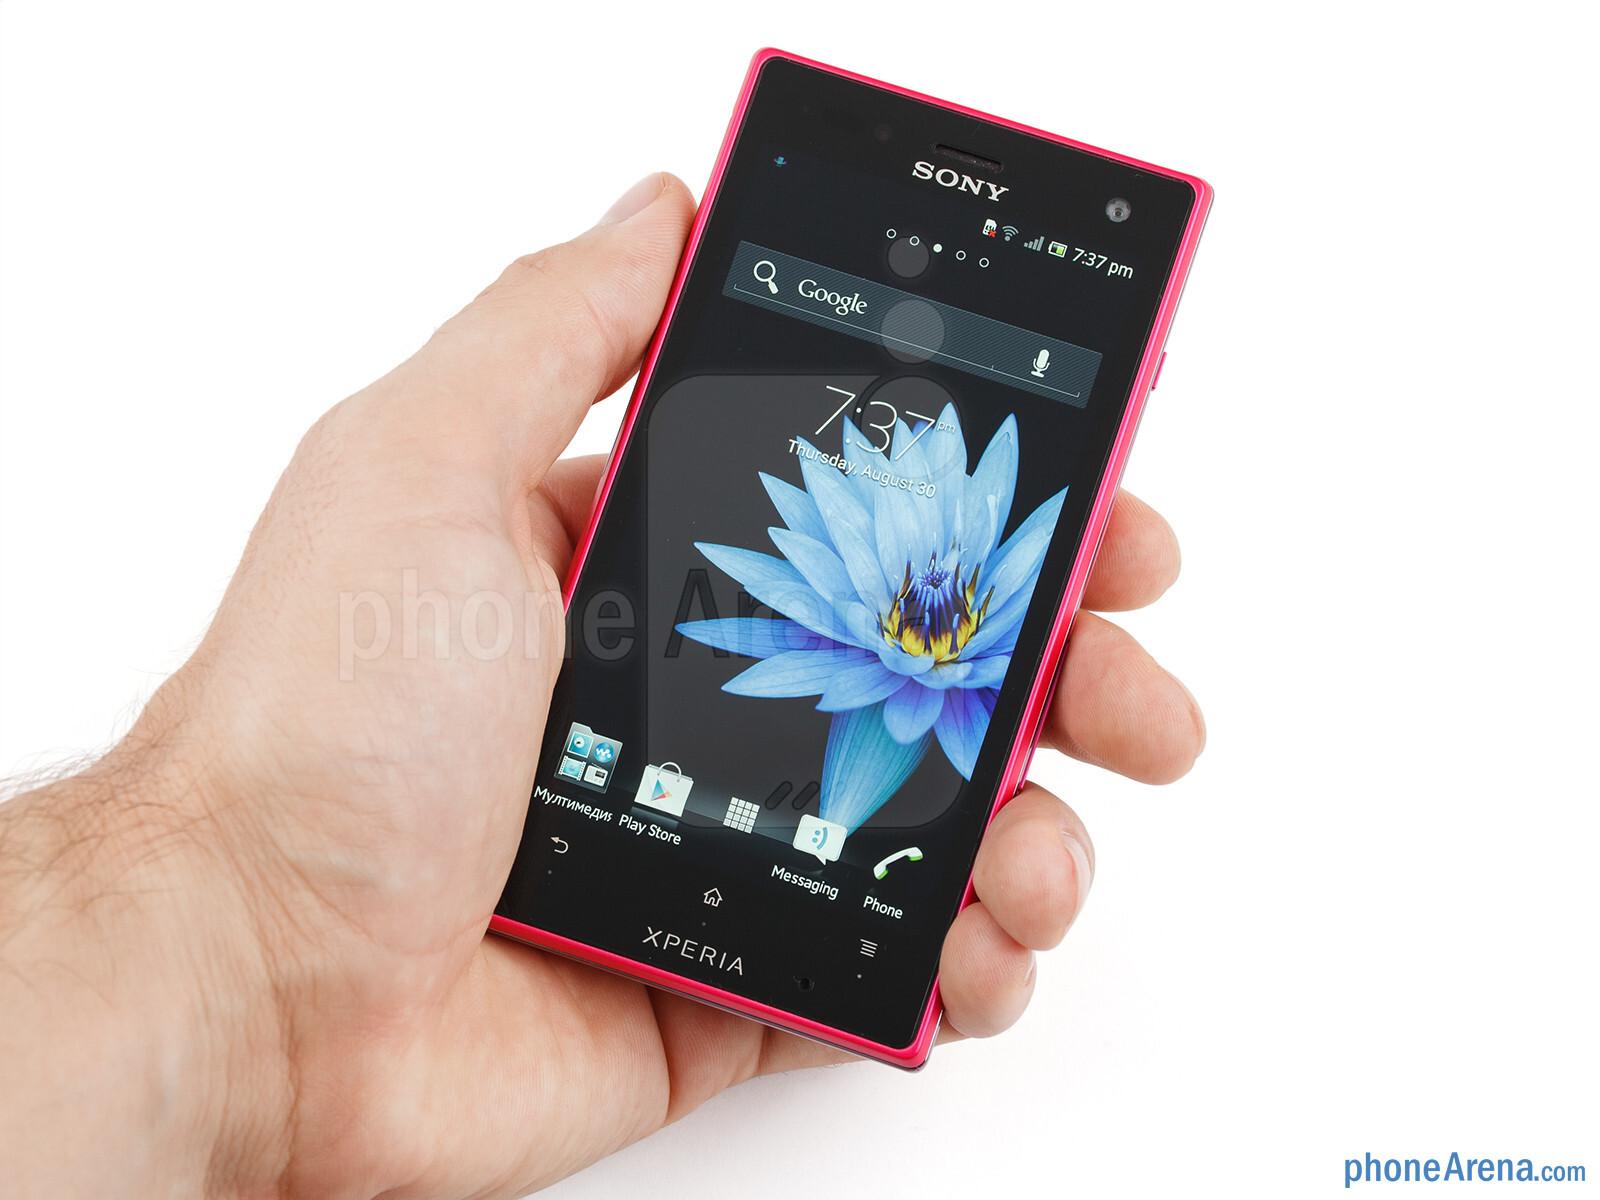 Sony Xperia acro S (Sony LT26w) Black (Ảnh 1)